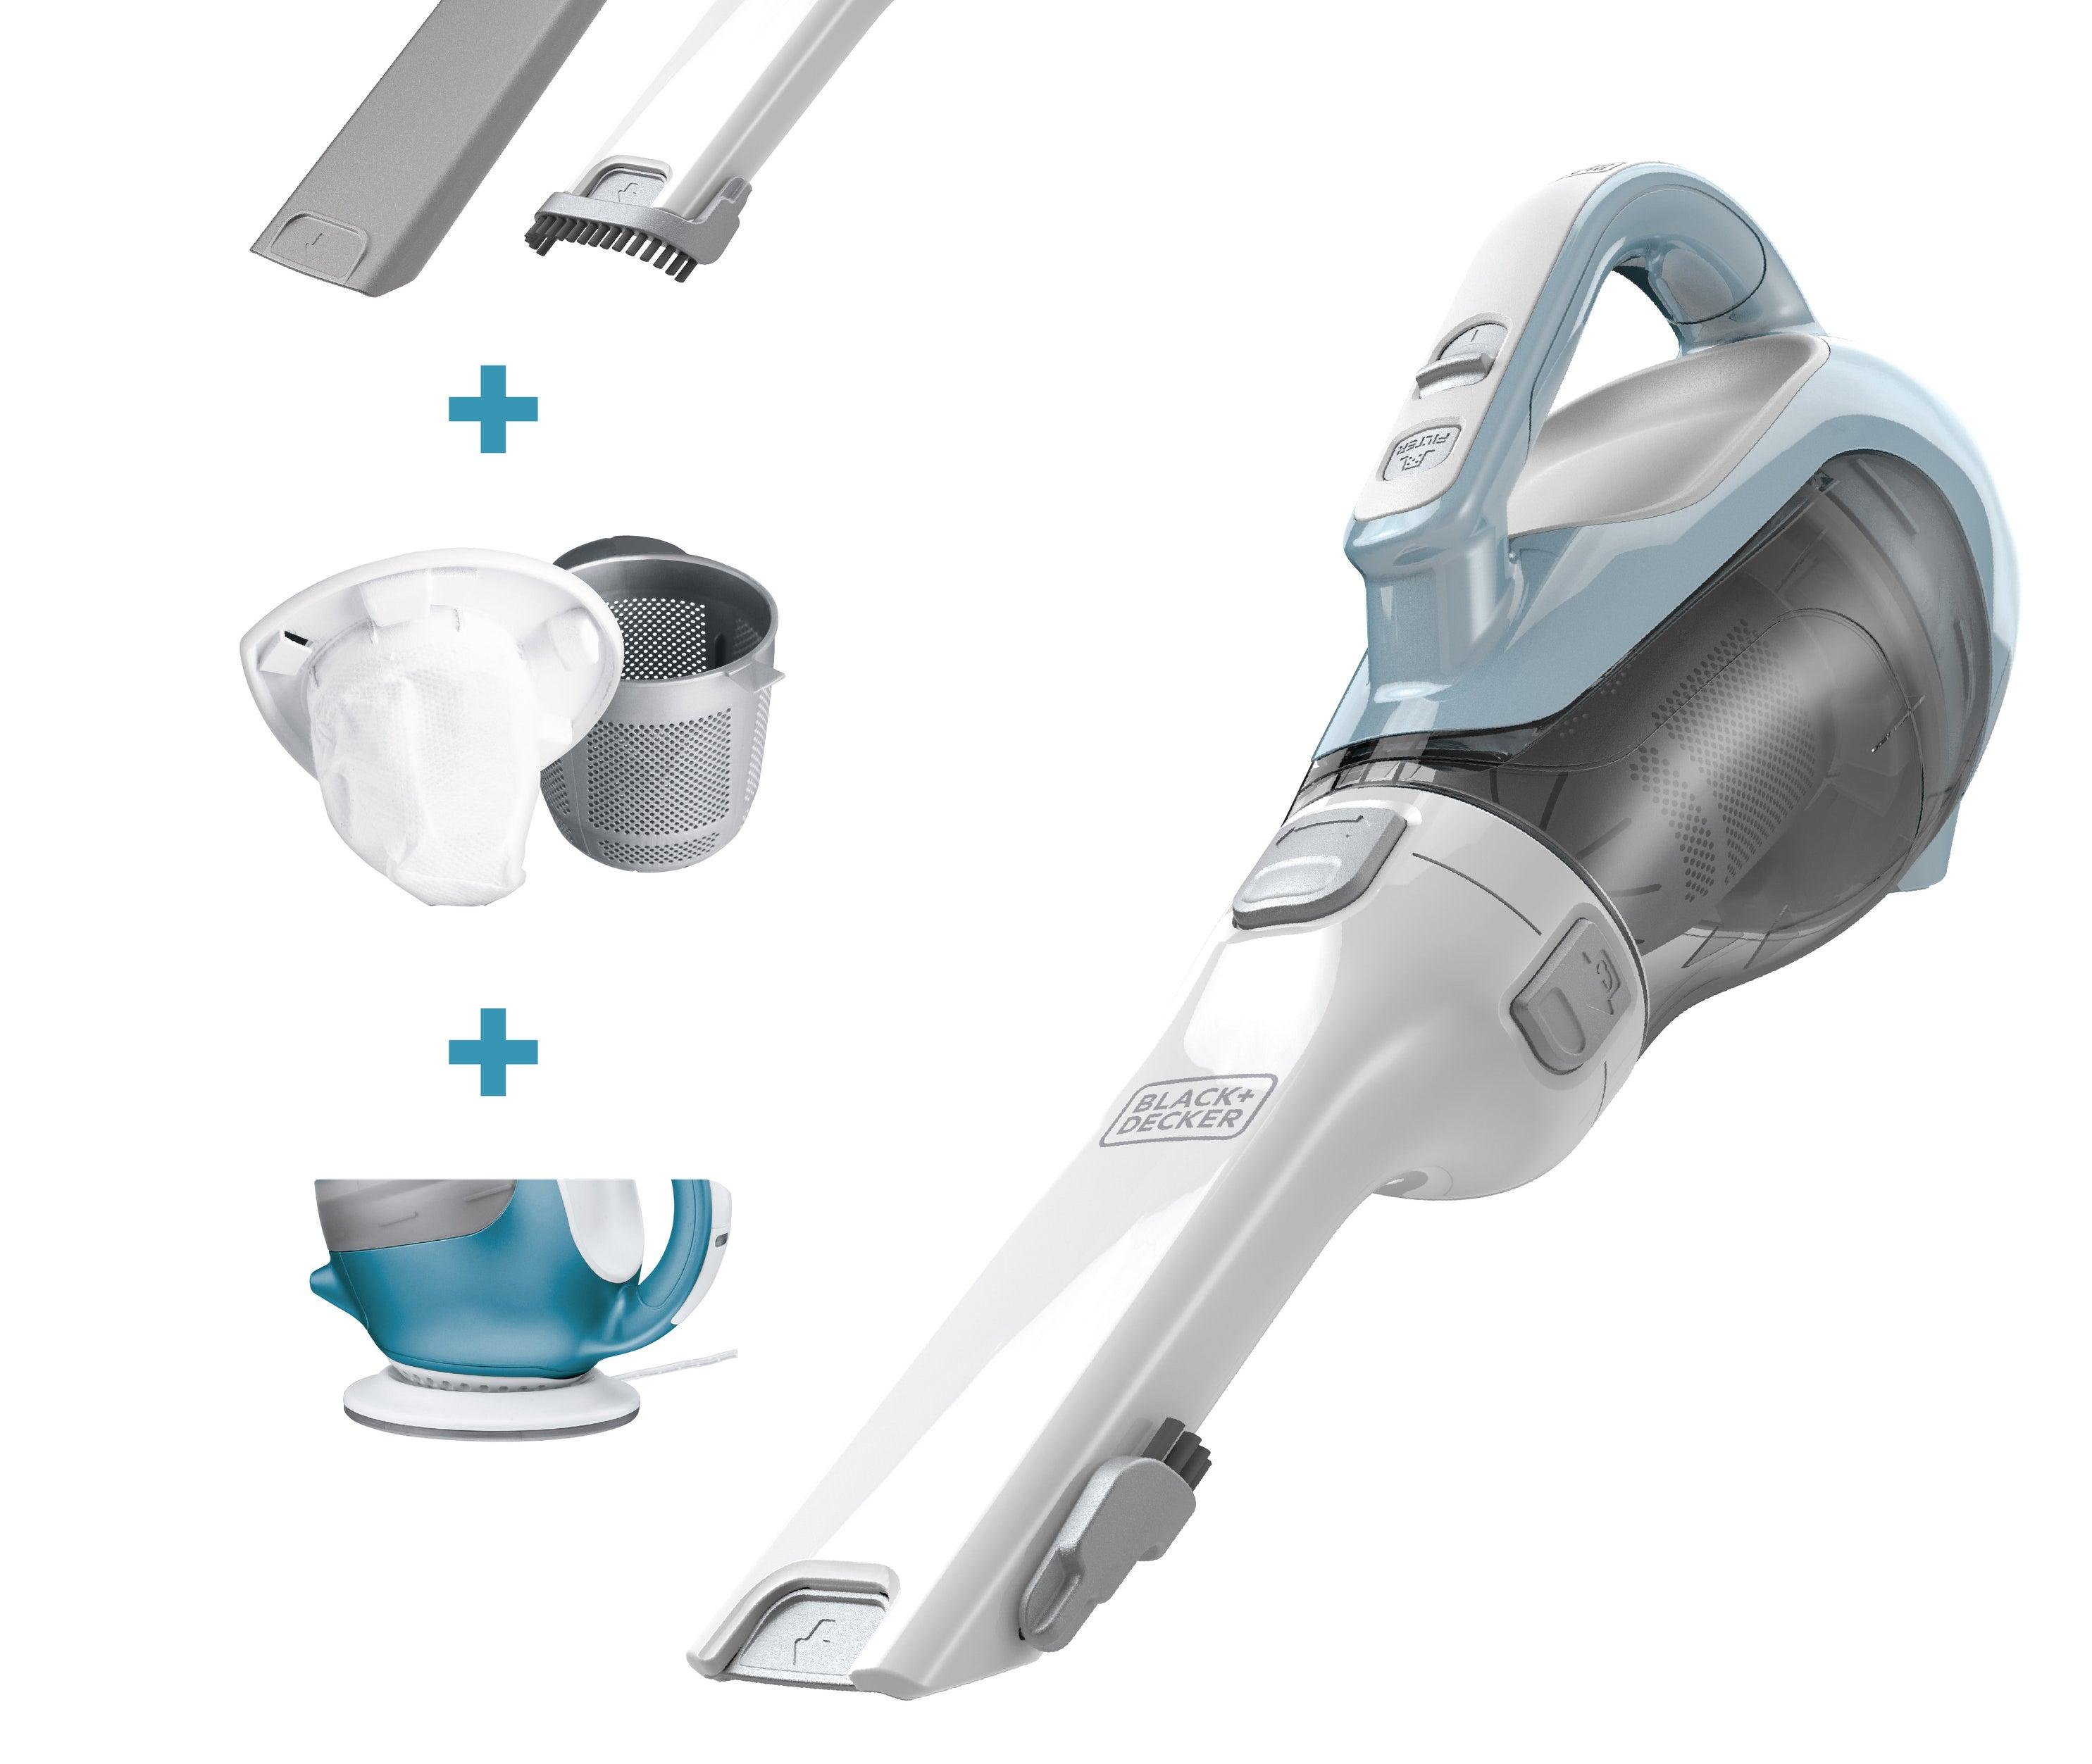 Thecordless handheld vacuum